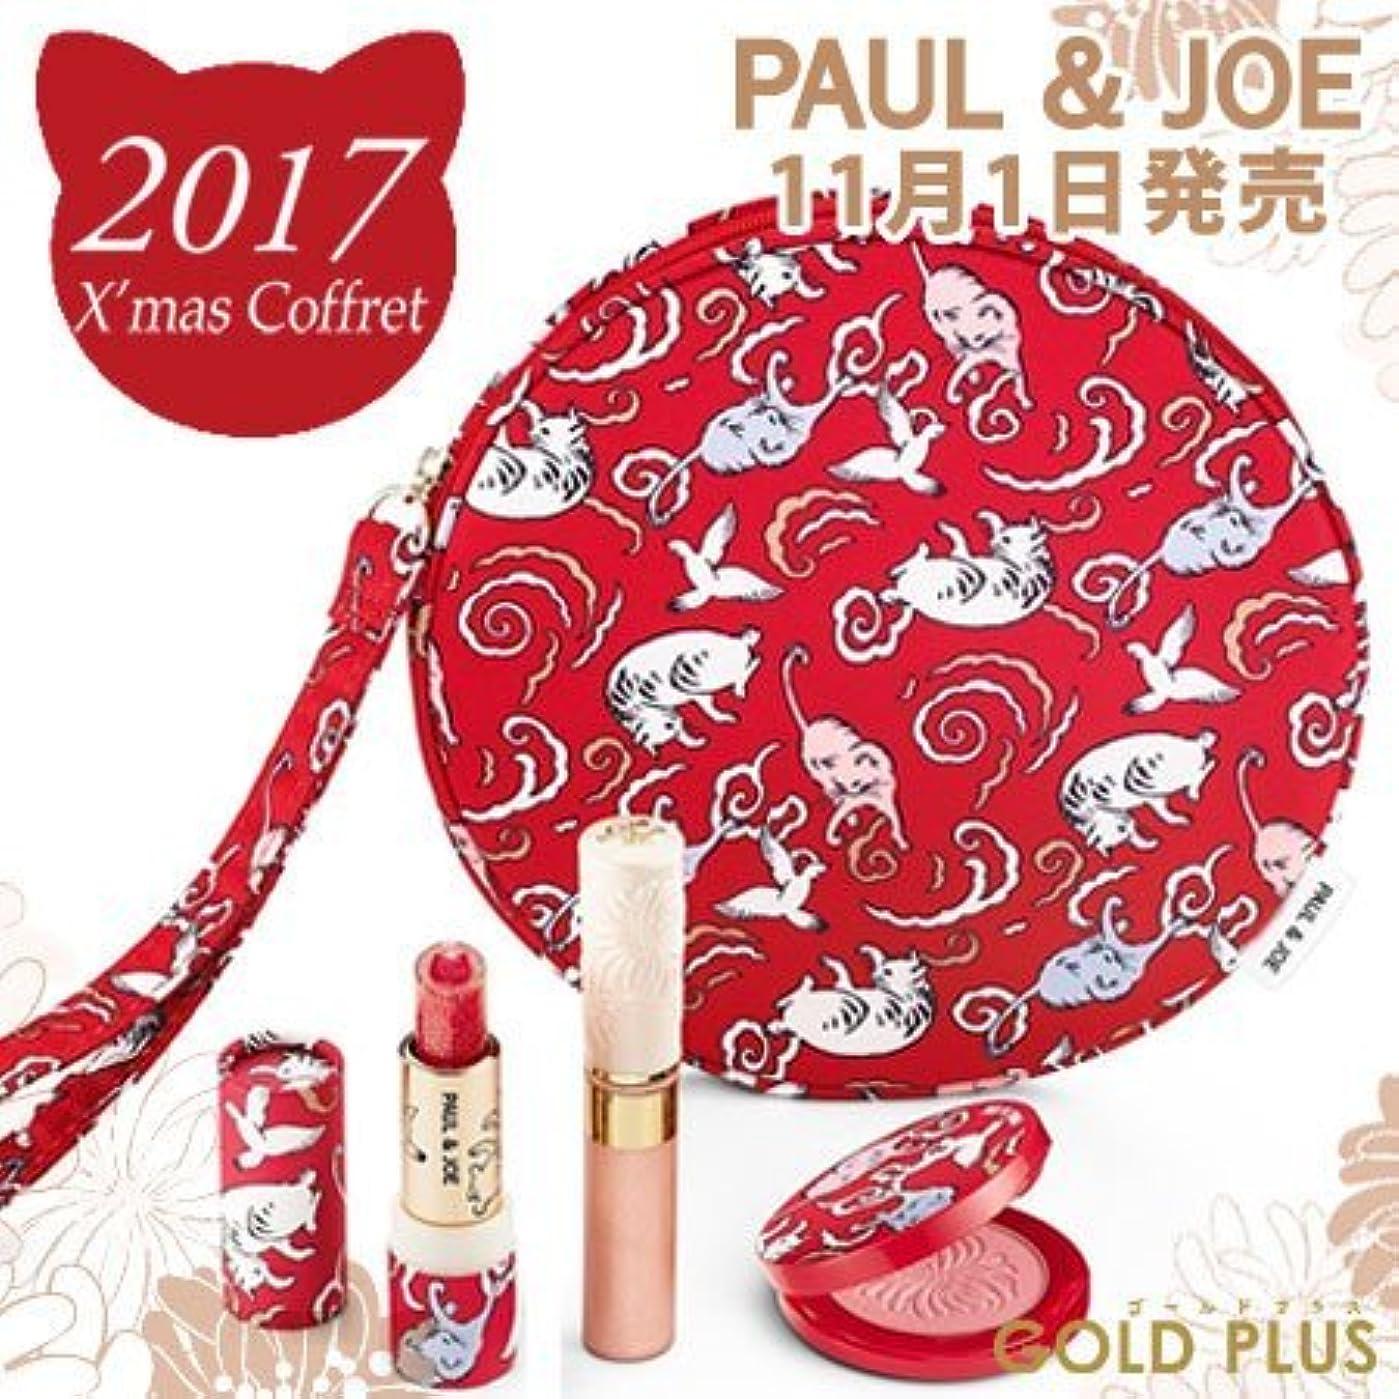 暗殺する溶接立証するポール&ジョー メイクアップ コレクション 2017 【 2017 クリスマス コフレ 】限定品 -PAUL&JOE-